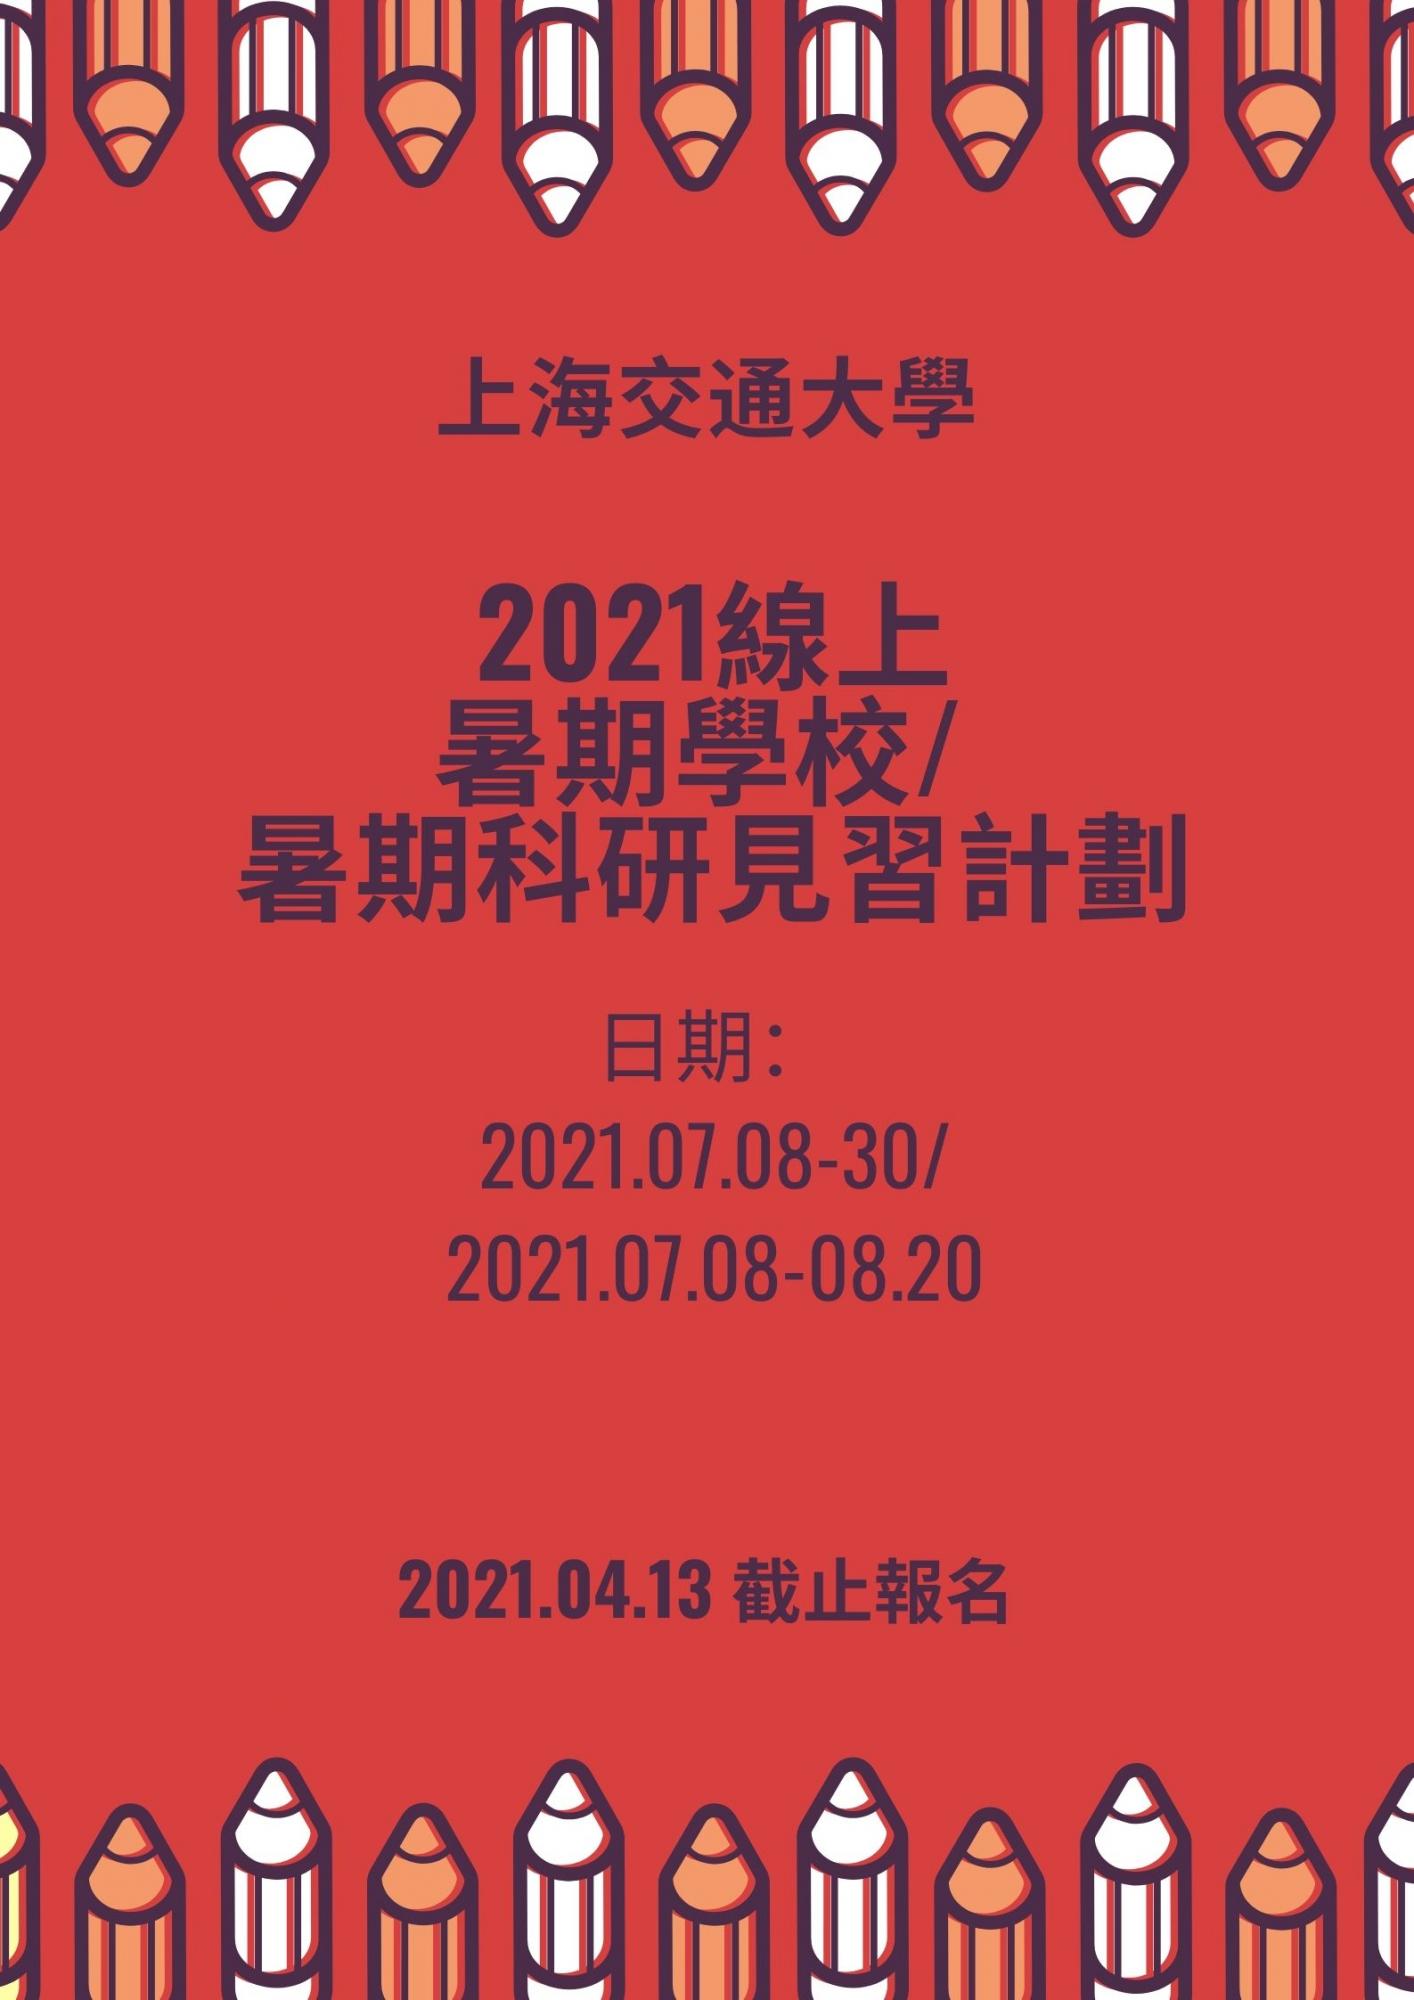 上海交通大學2021暑期學校(線上)/ 暑期科研見習計劃(線上)